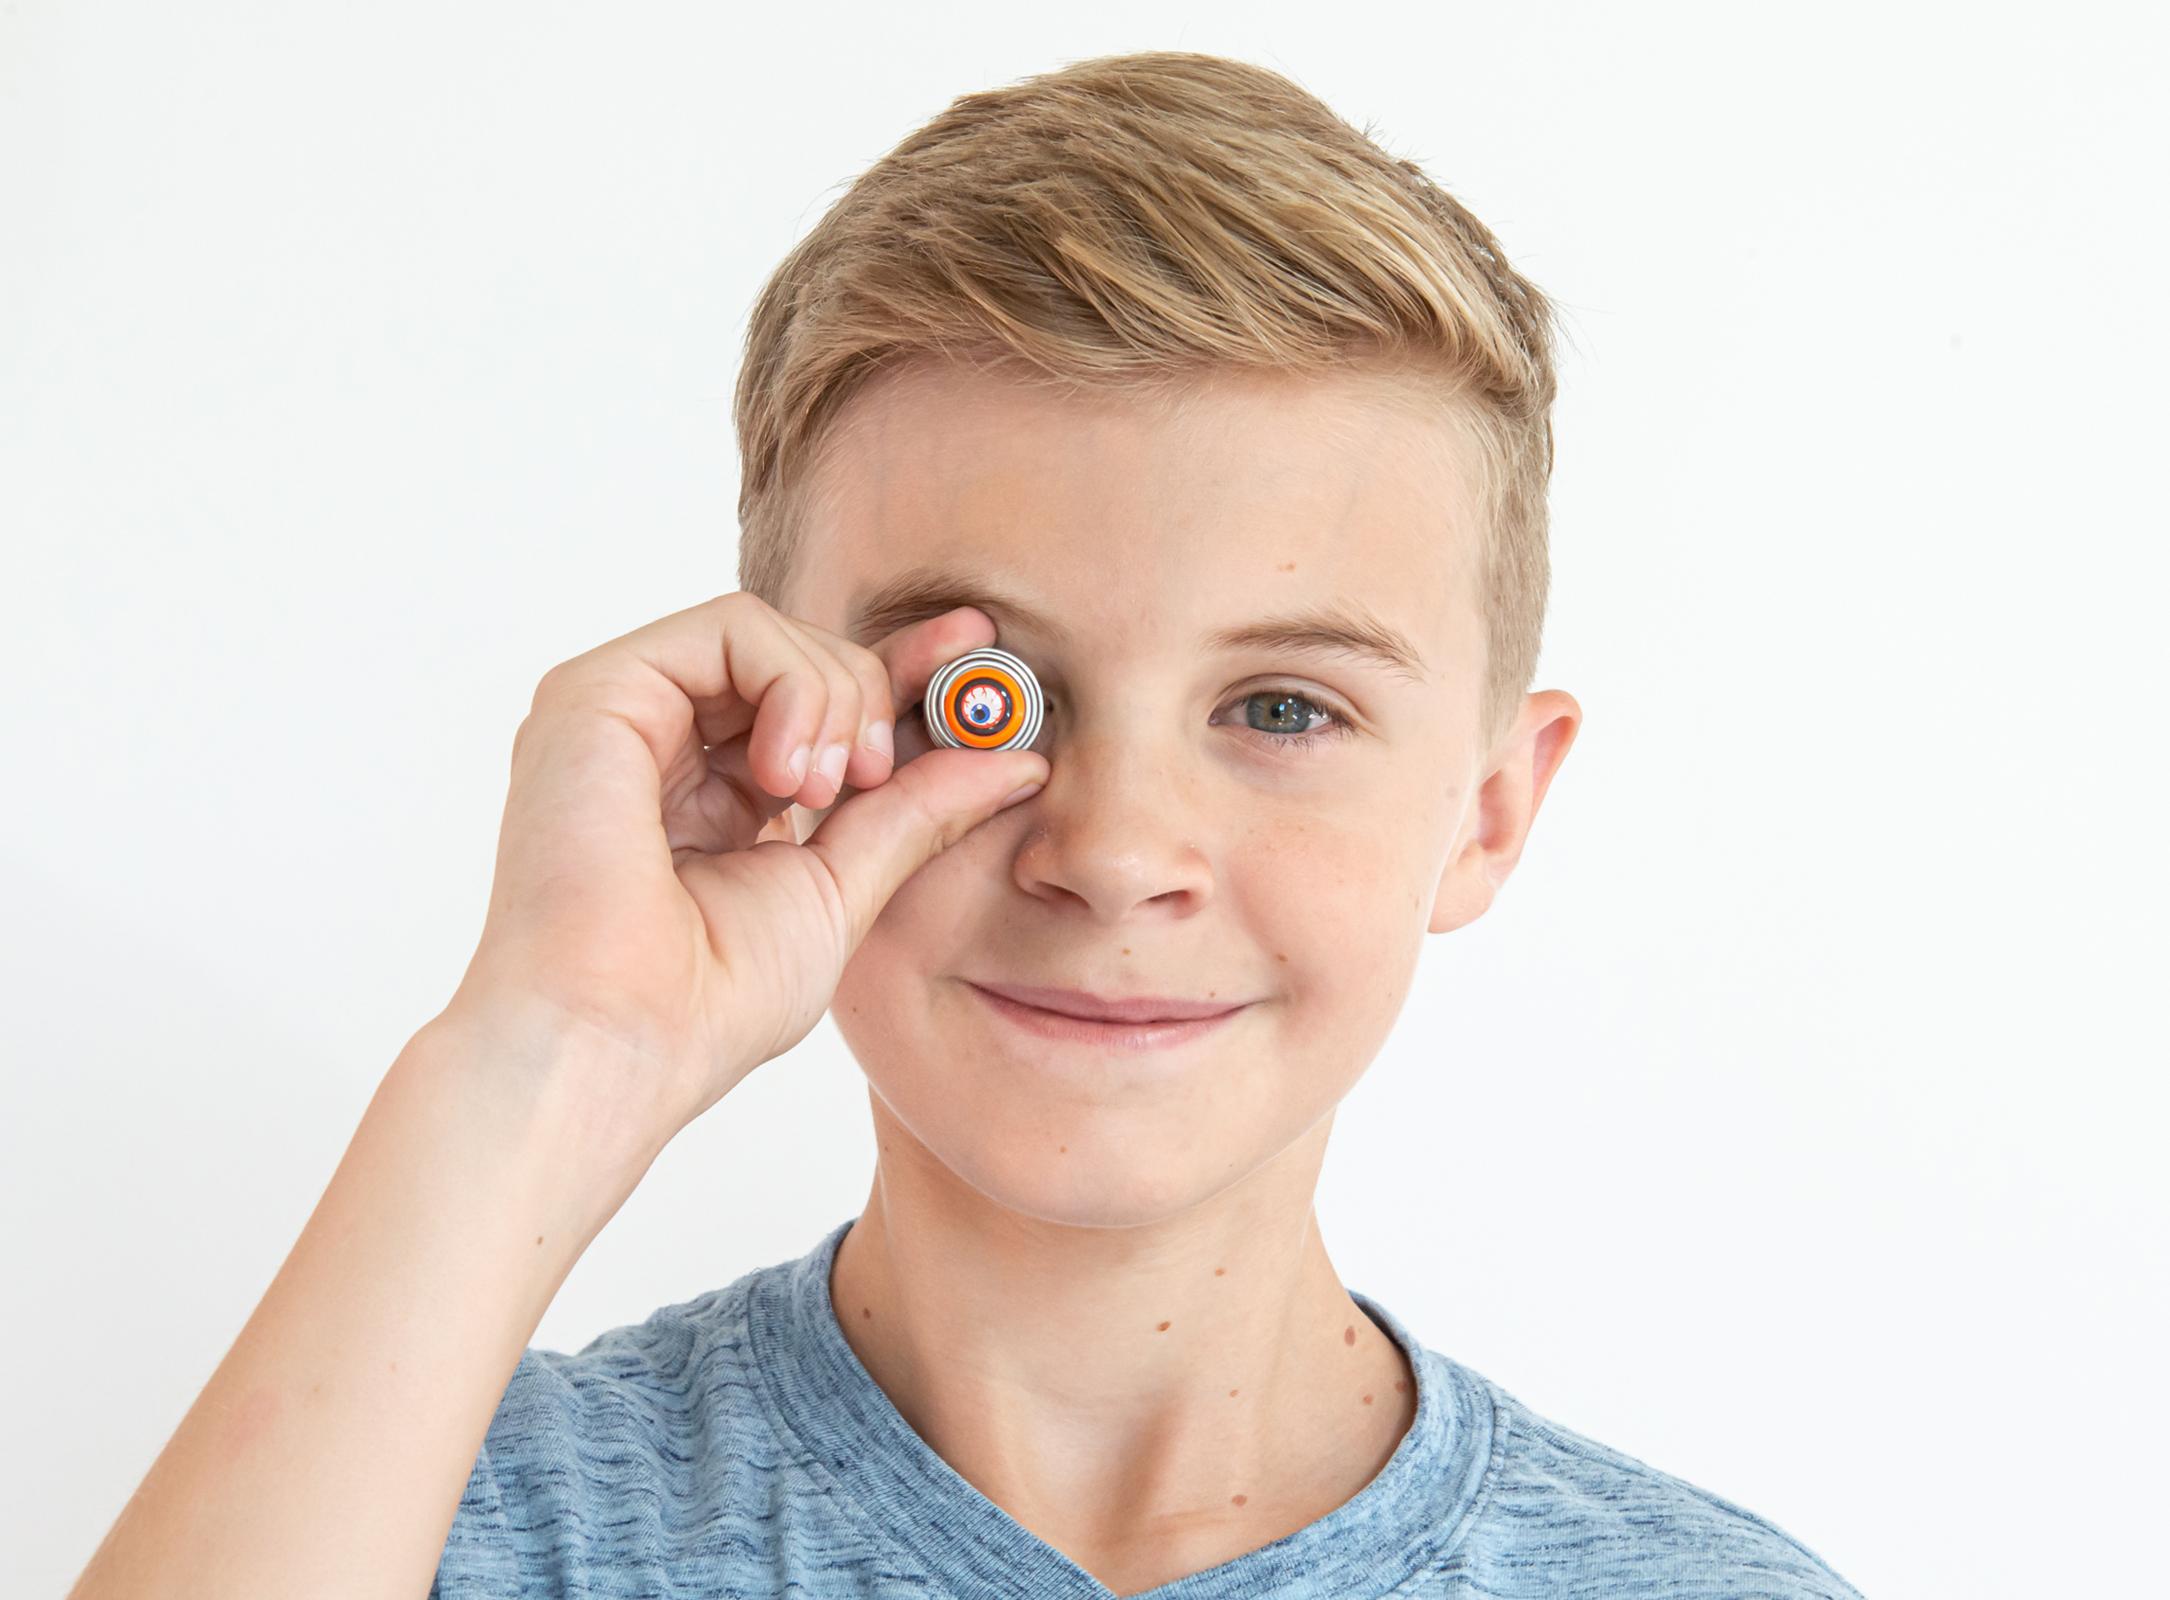 Image 3 Coilz Kid with Eye Coilz - hi-res.jpg